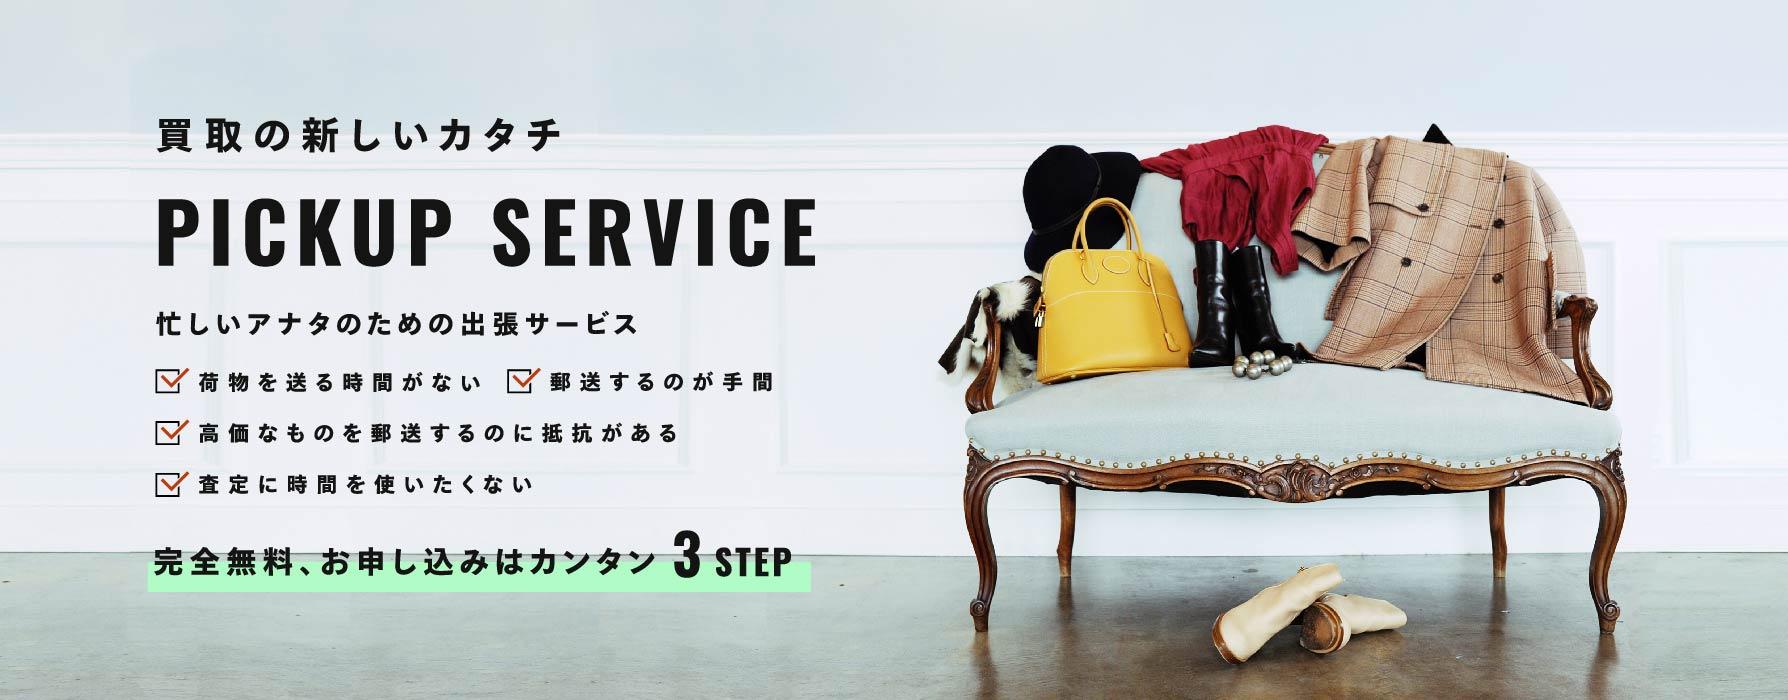 買取の新しいサービス。ピックアップサービス。